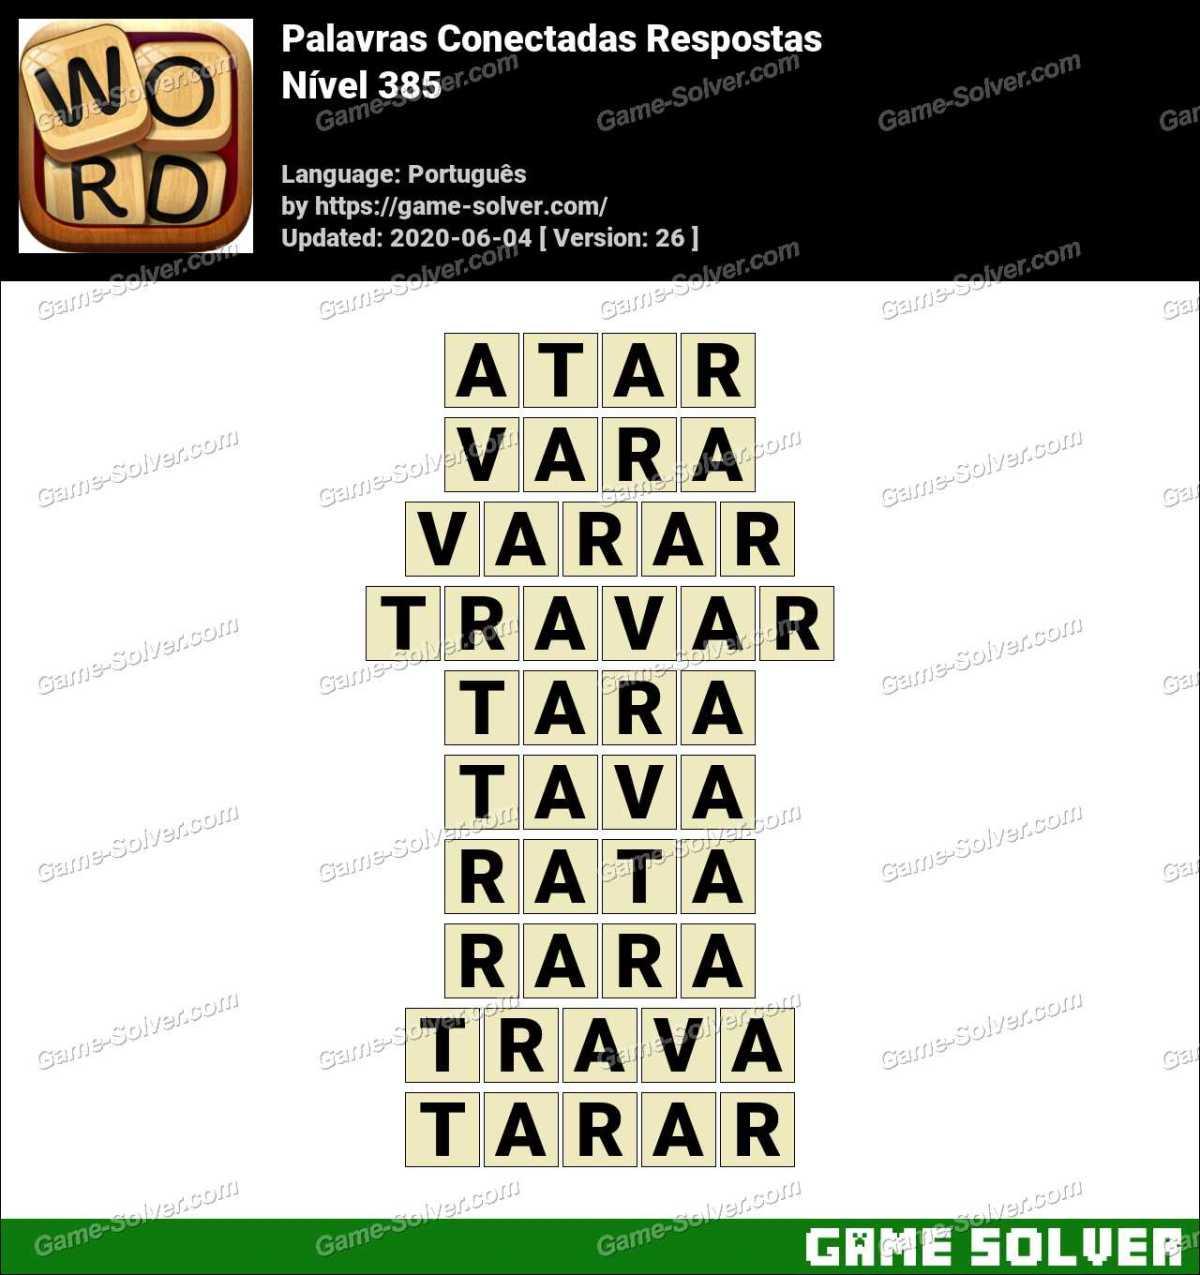 Palavras Conectadas Nivel 385 Respostas